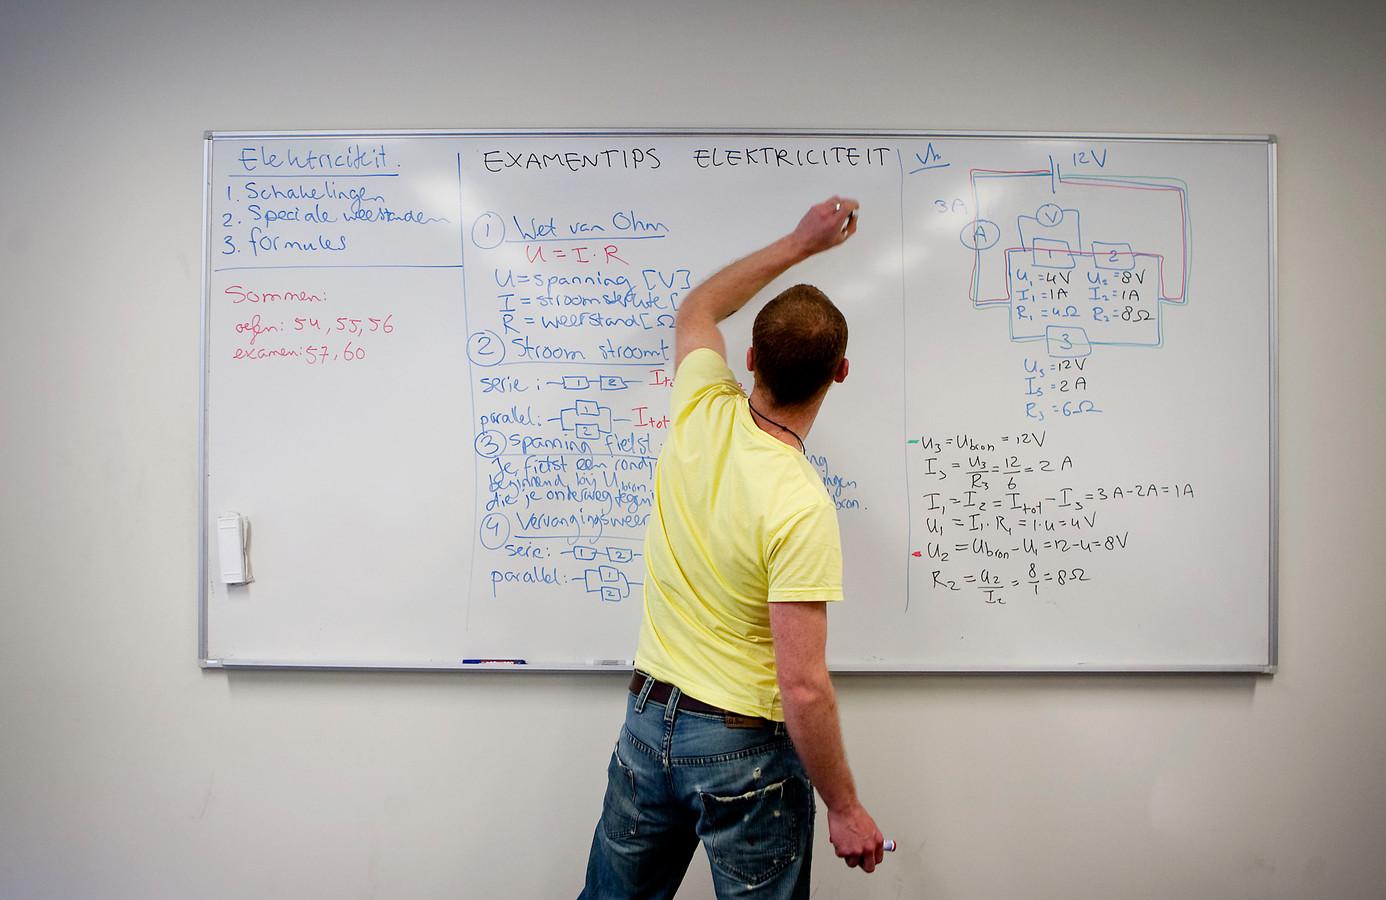 Een docent maakt aantekeningen op het bord. Hij mag niet zonder zijn toestemming herkenbaar in beeld worden gebracht, zeggen ministers Van Engelshoven en Slob. Deze foto is overigens genomen met toestemming van de docent in kwestie